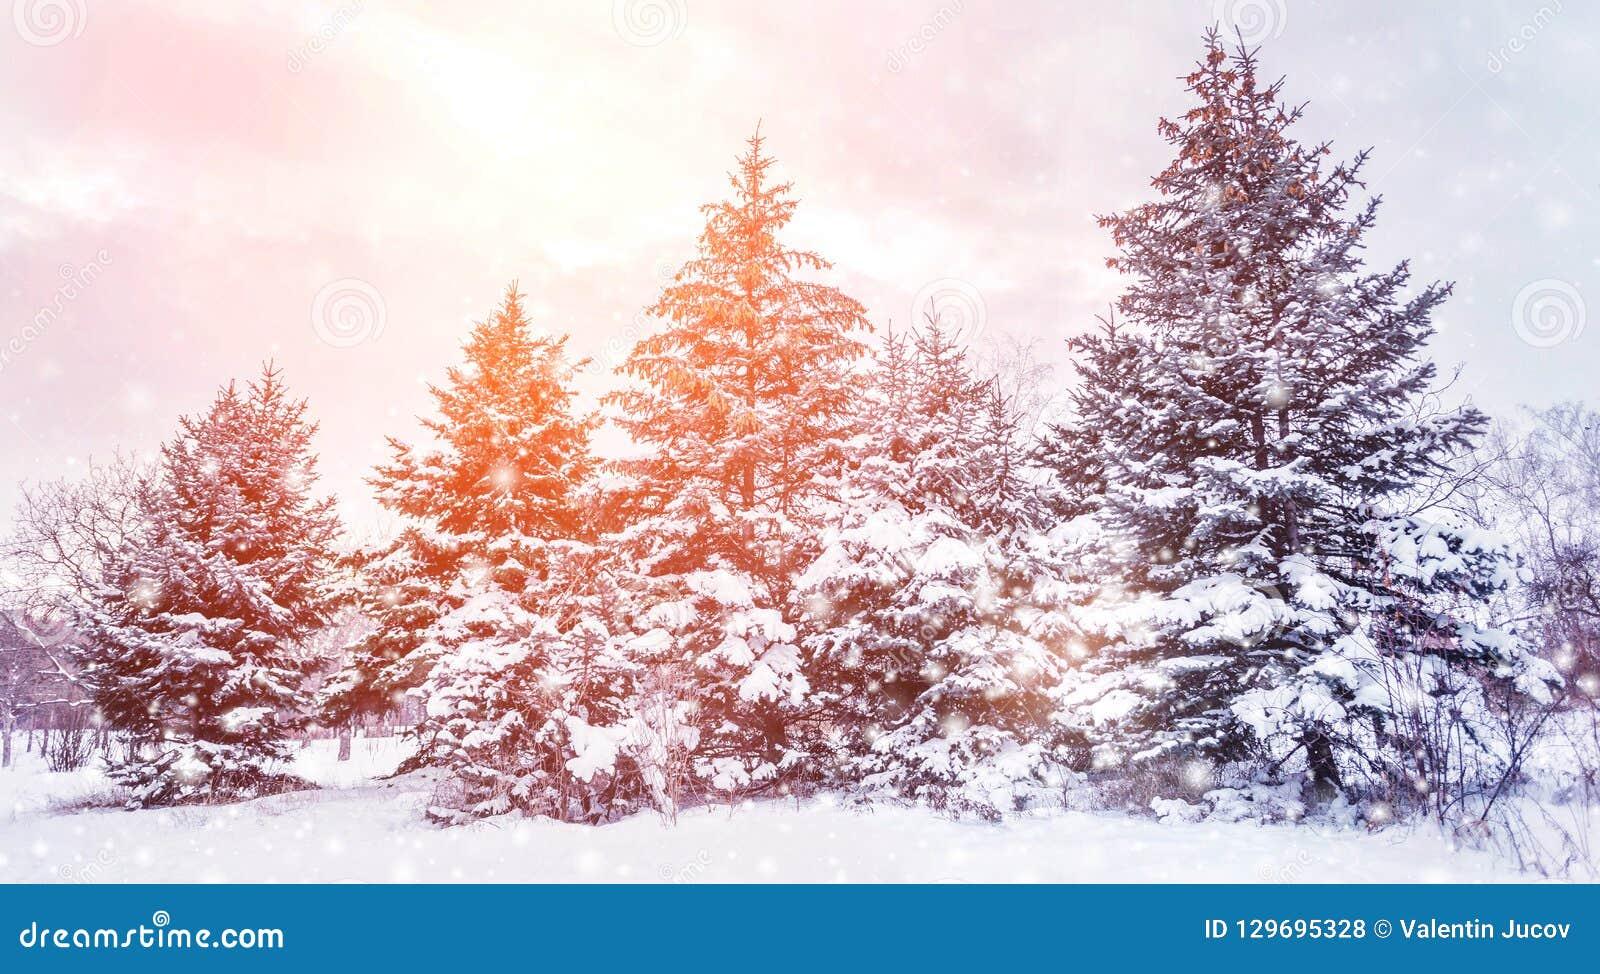 Ijzig de winterlandschap in sneeuw bosdiePijnboomtakken met sneeuw in koud de winterweer worden behandeld